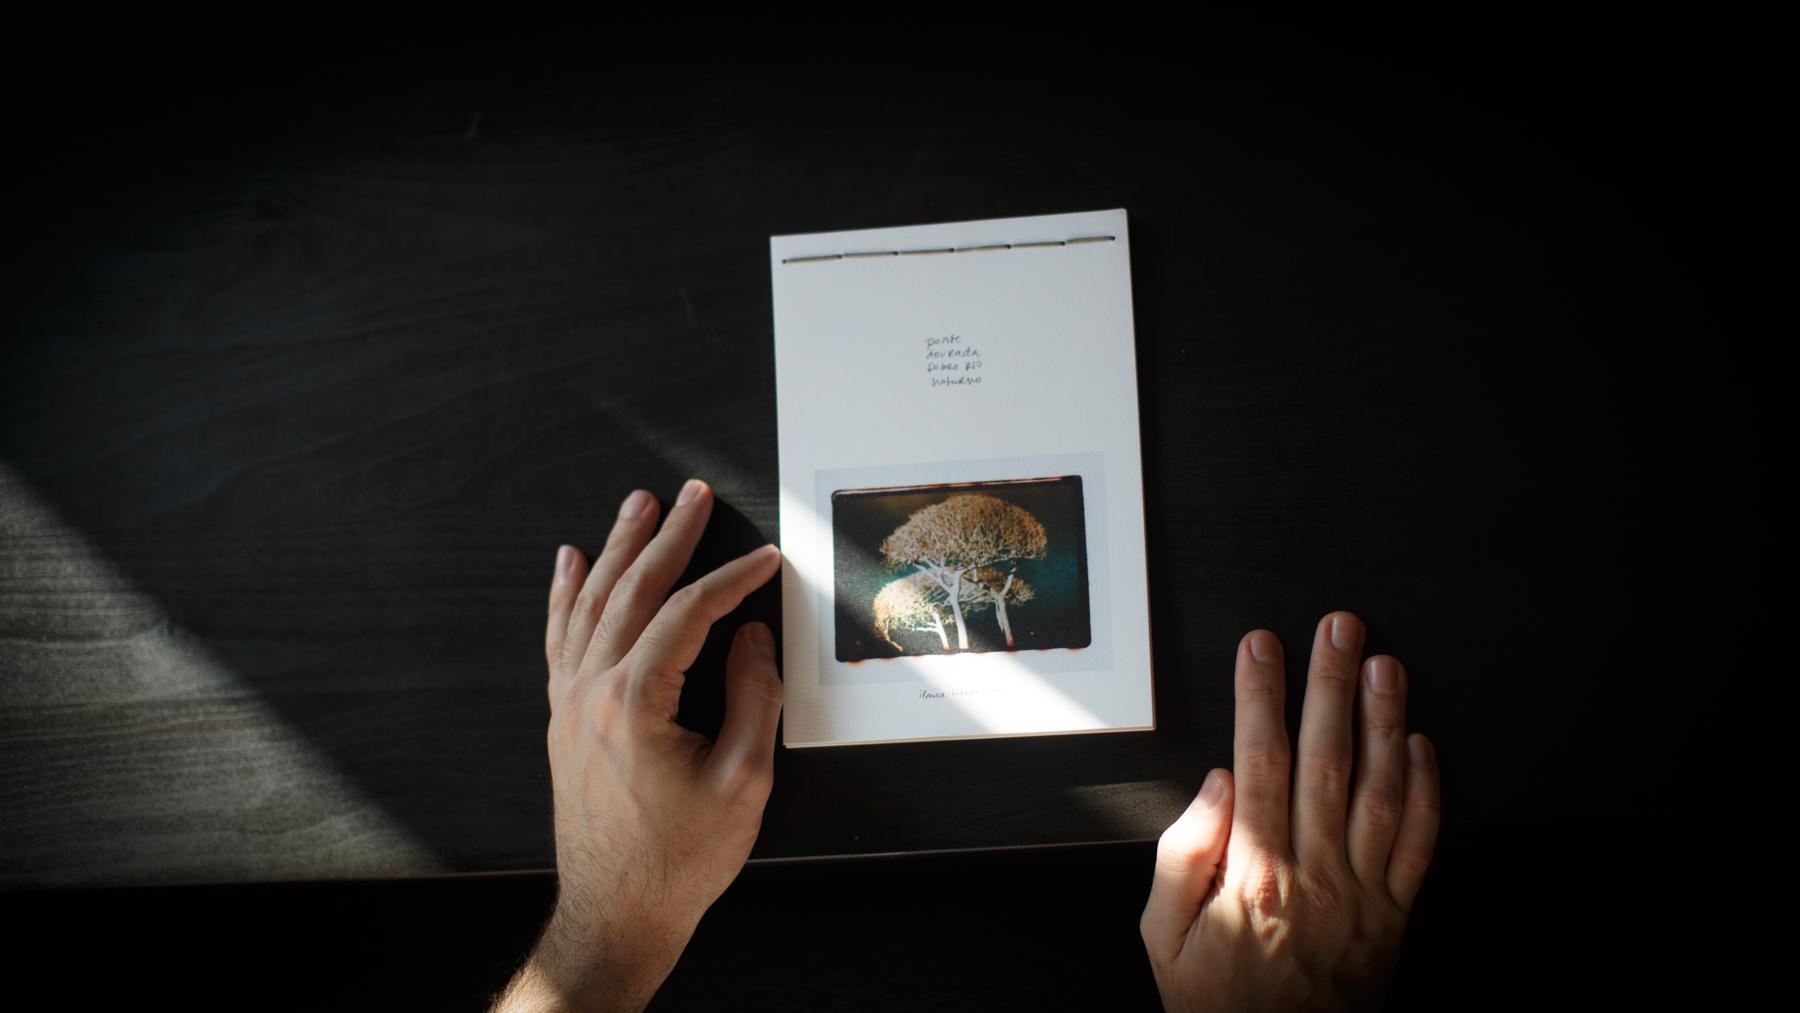 livro_ponte_dourada_sobre_rio_noturno-31.jpg